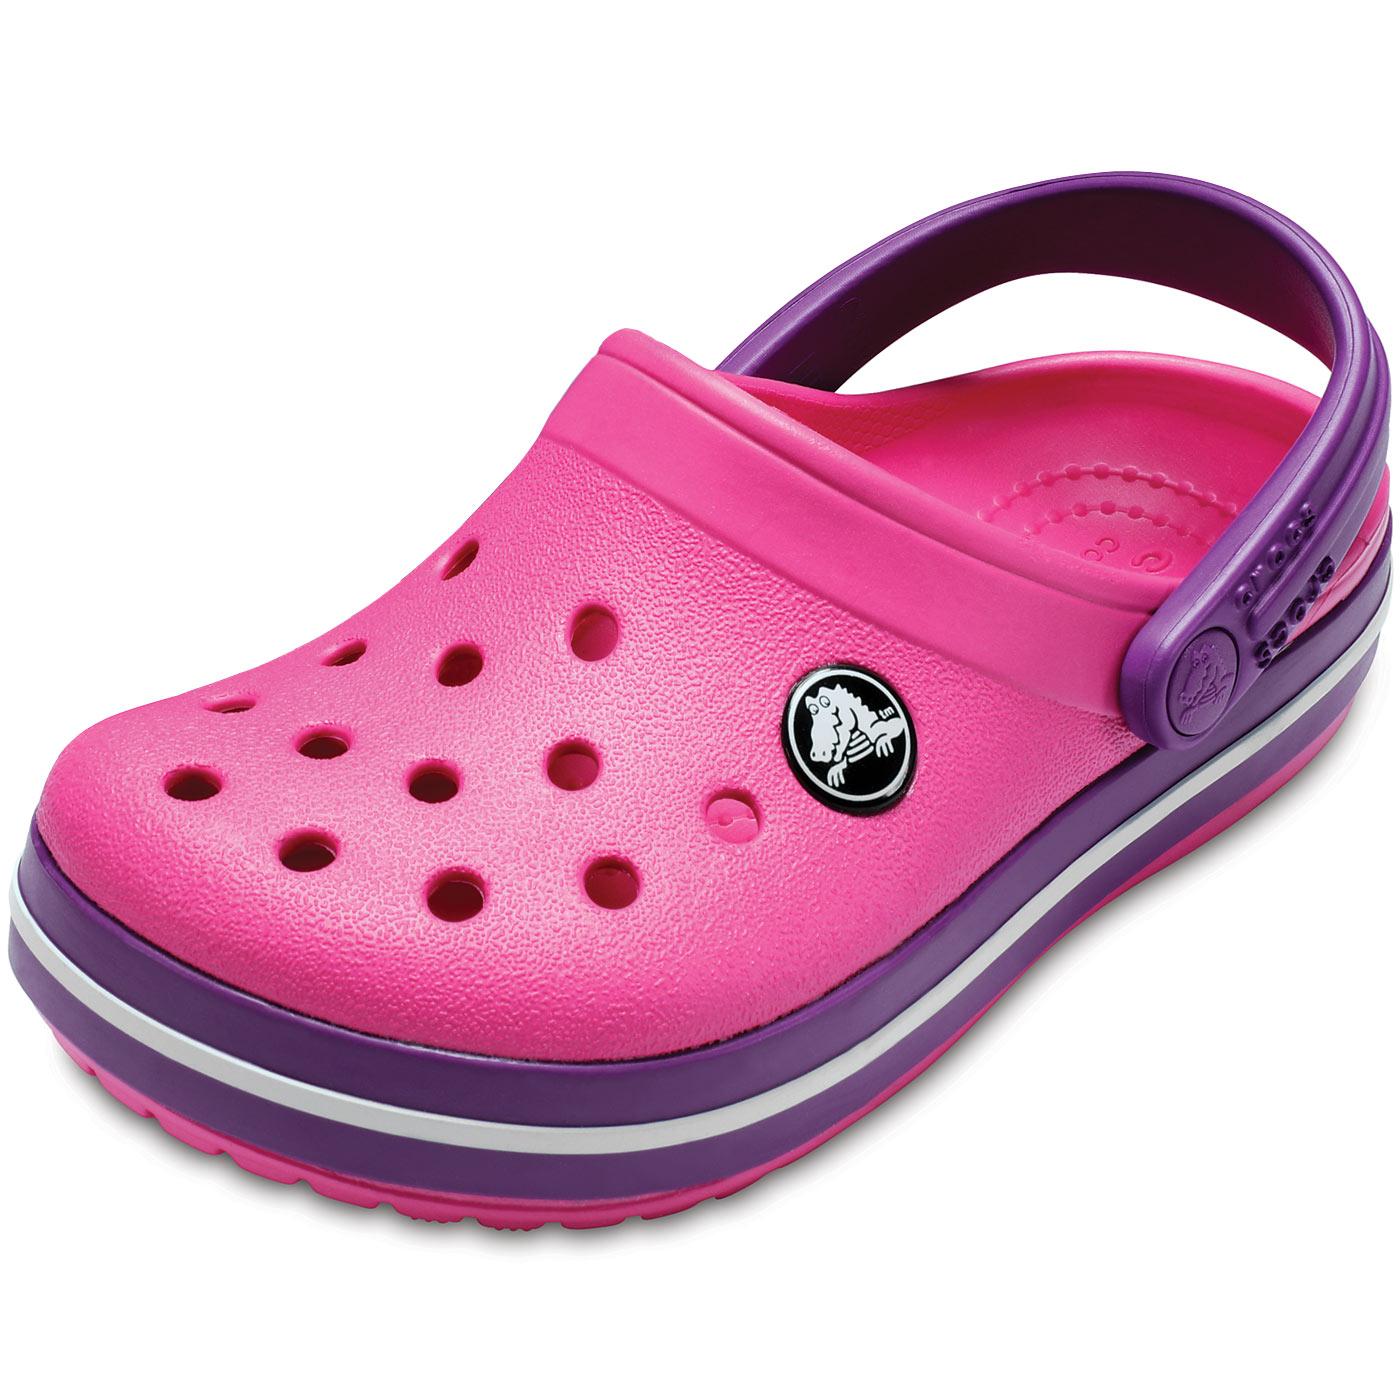 tani zawsze popularny gorąca sprzedaż online Crocs Crocband Kids paradise pink/amethyst - Buciki ...